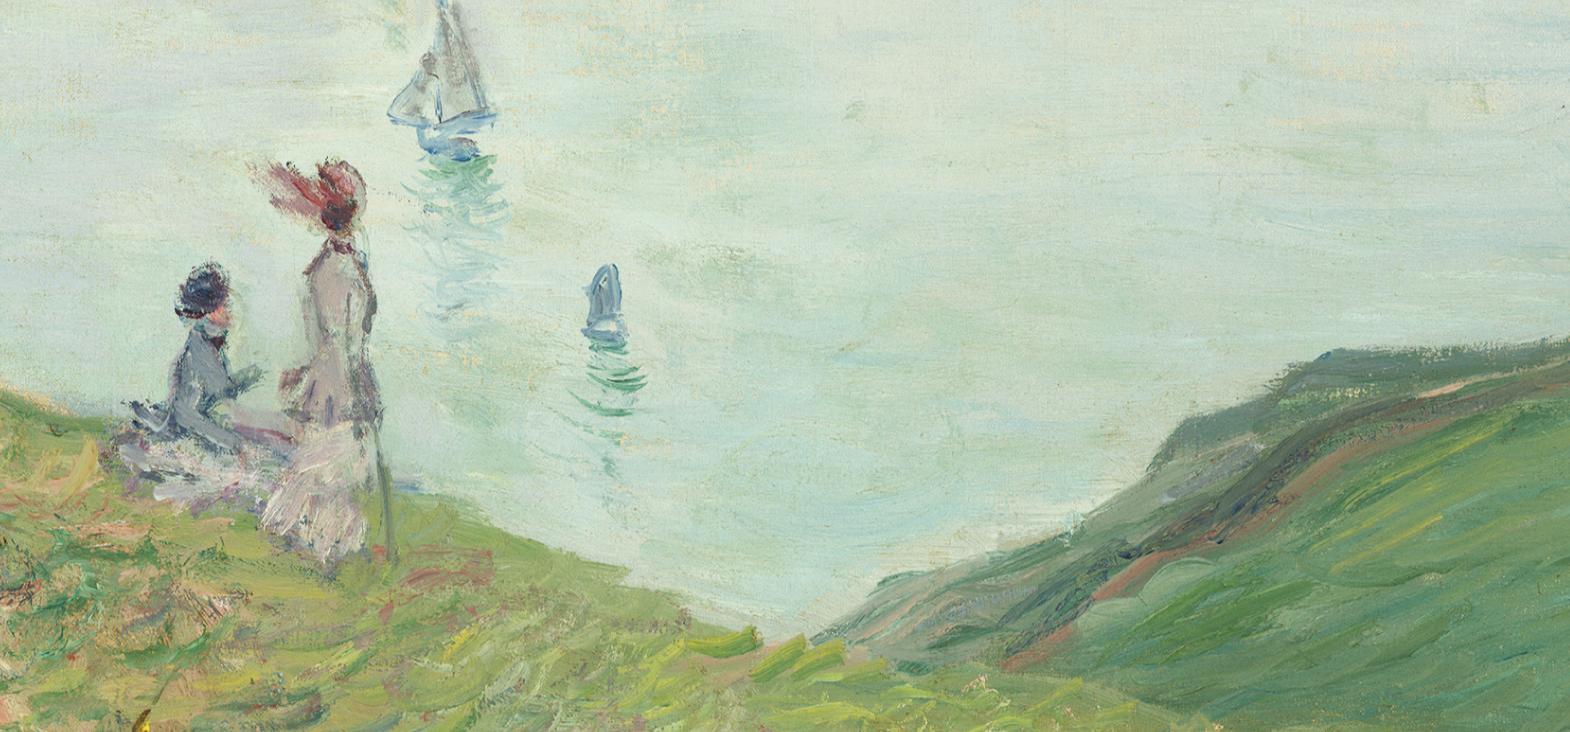 Fragmento de 'Acantilados en Pourville' (1882), de Claude Monet.